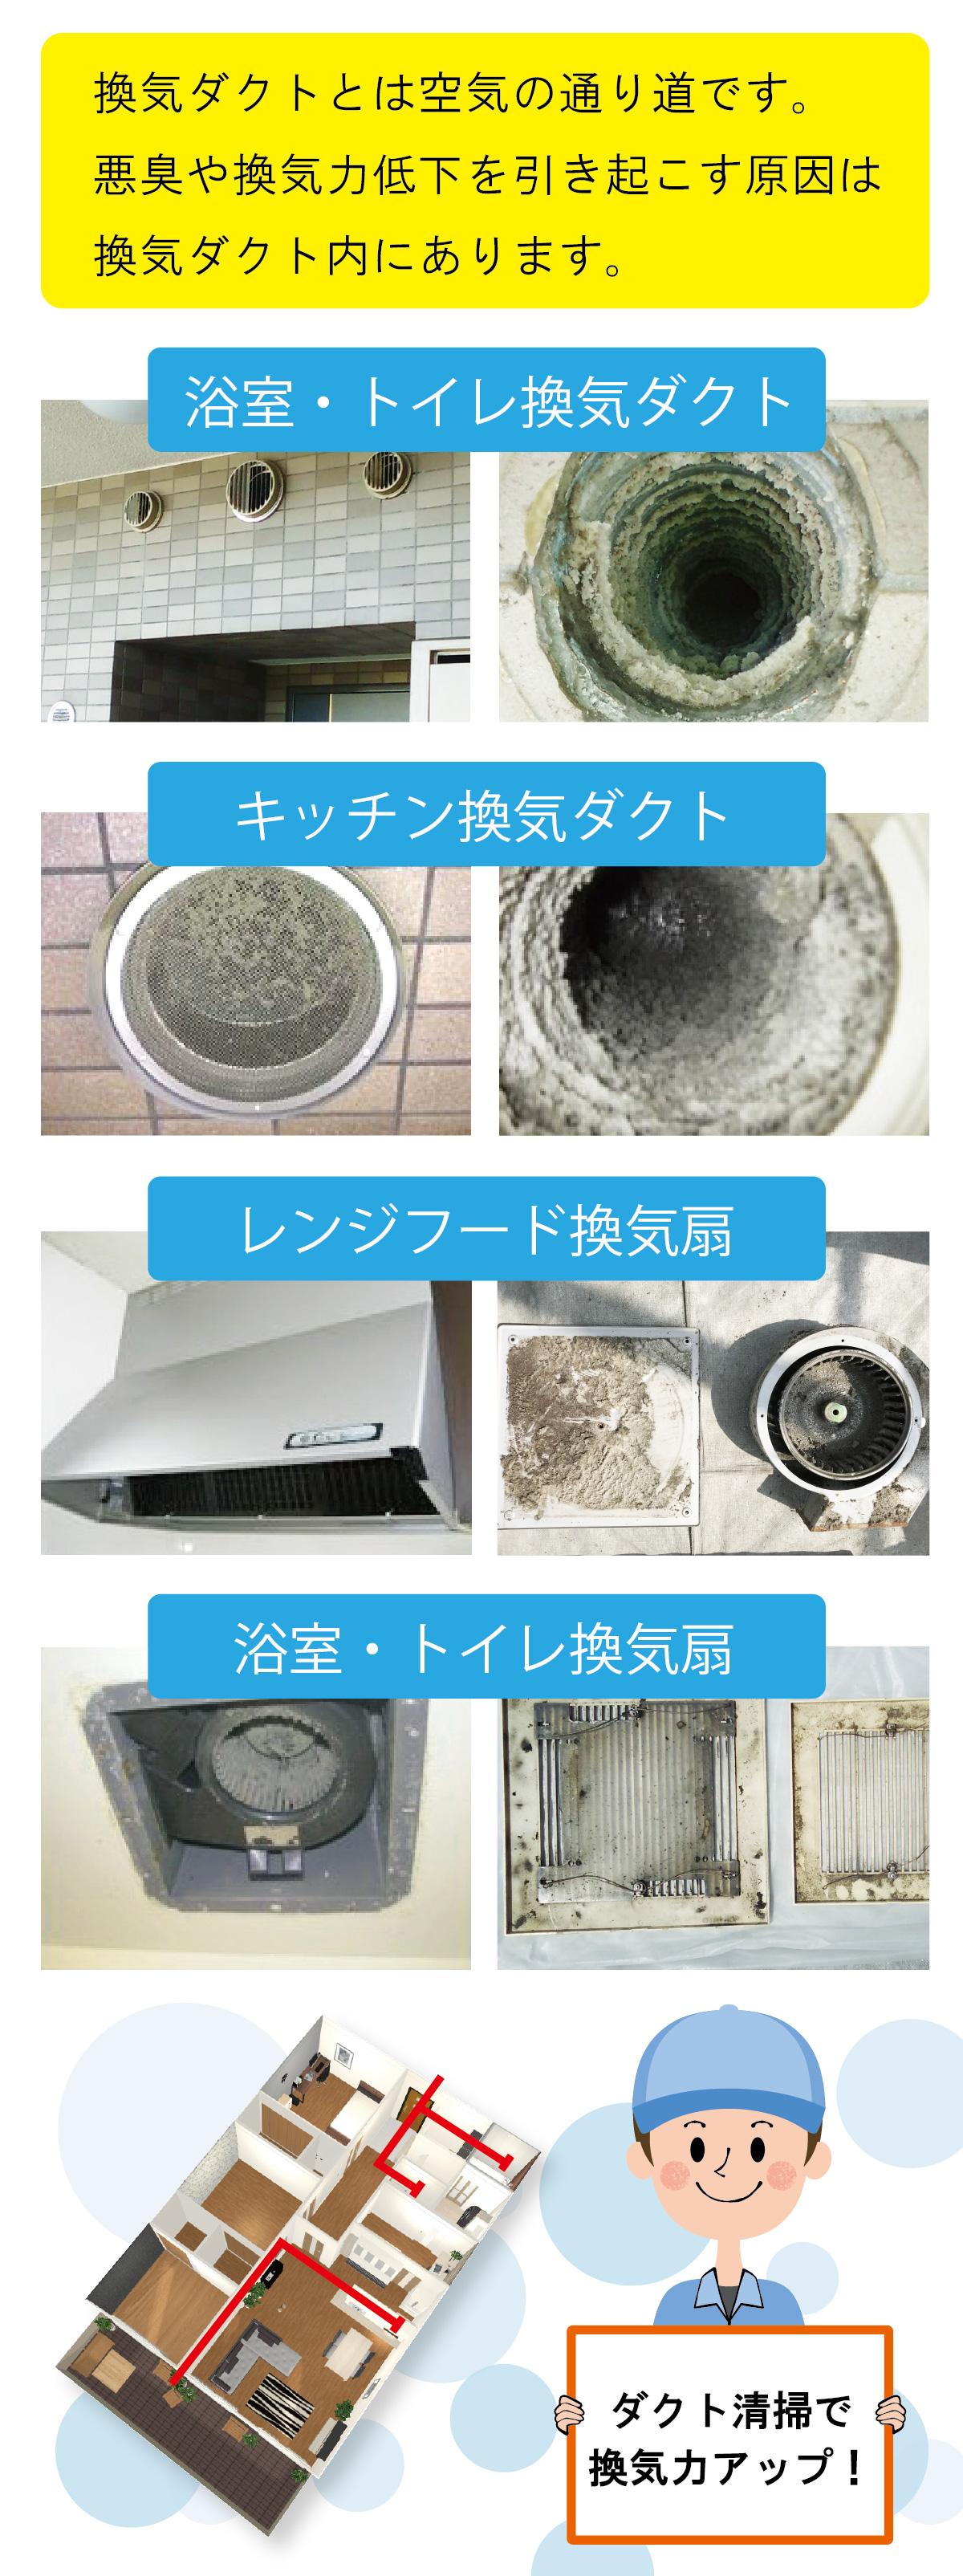 空気の通り道である換気ダクトが汚れると悪臭や換気力低下を引き起こします。・キッチン換気ダクト・レンジフード換気扇・浴室トイレ換気ダクト・浴室トイレ換気扇